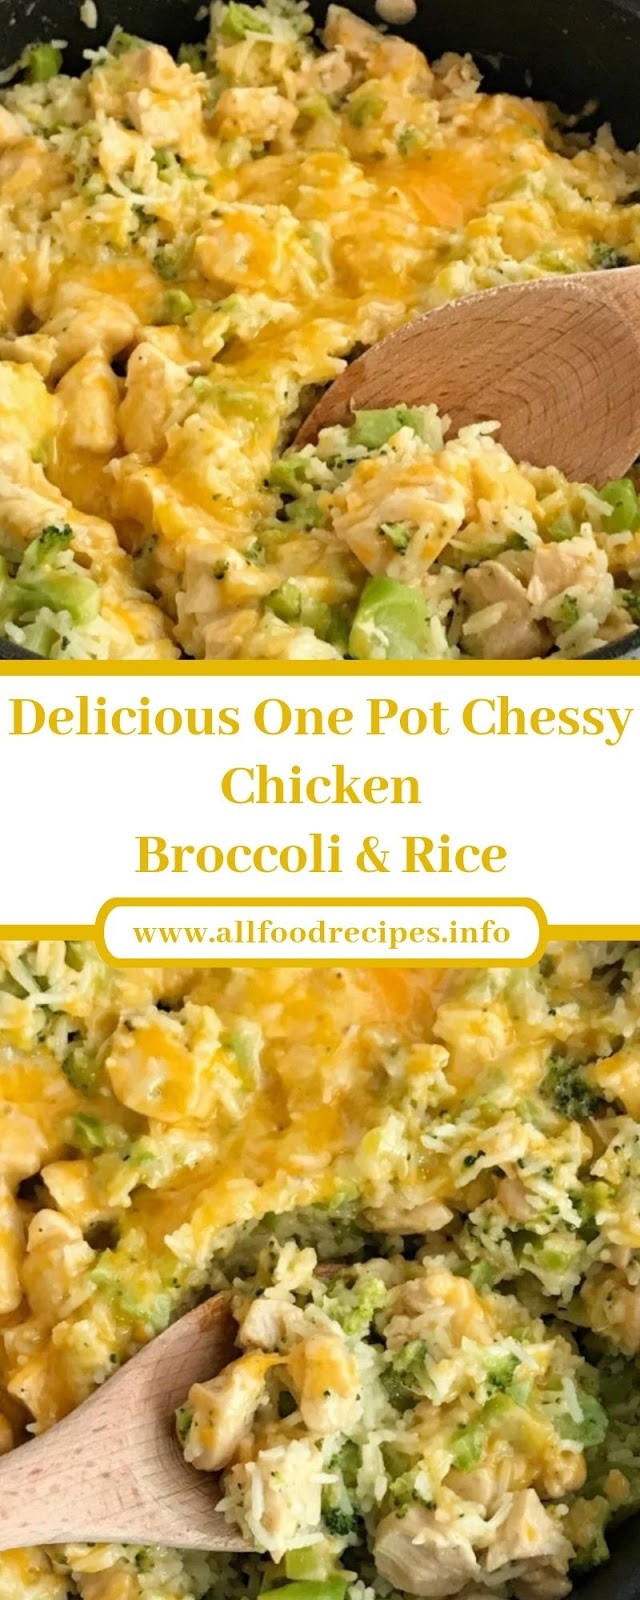 Delicious One Pot Chessy Chicken Broccoli & Rice